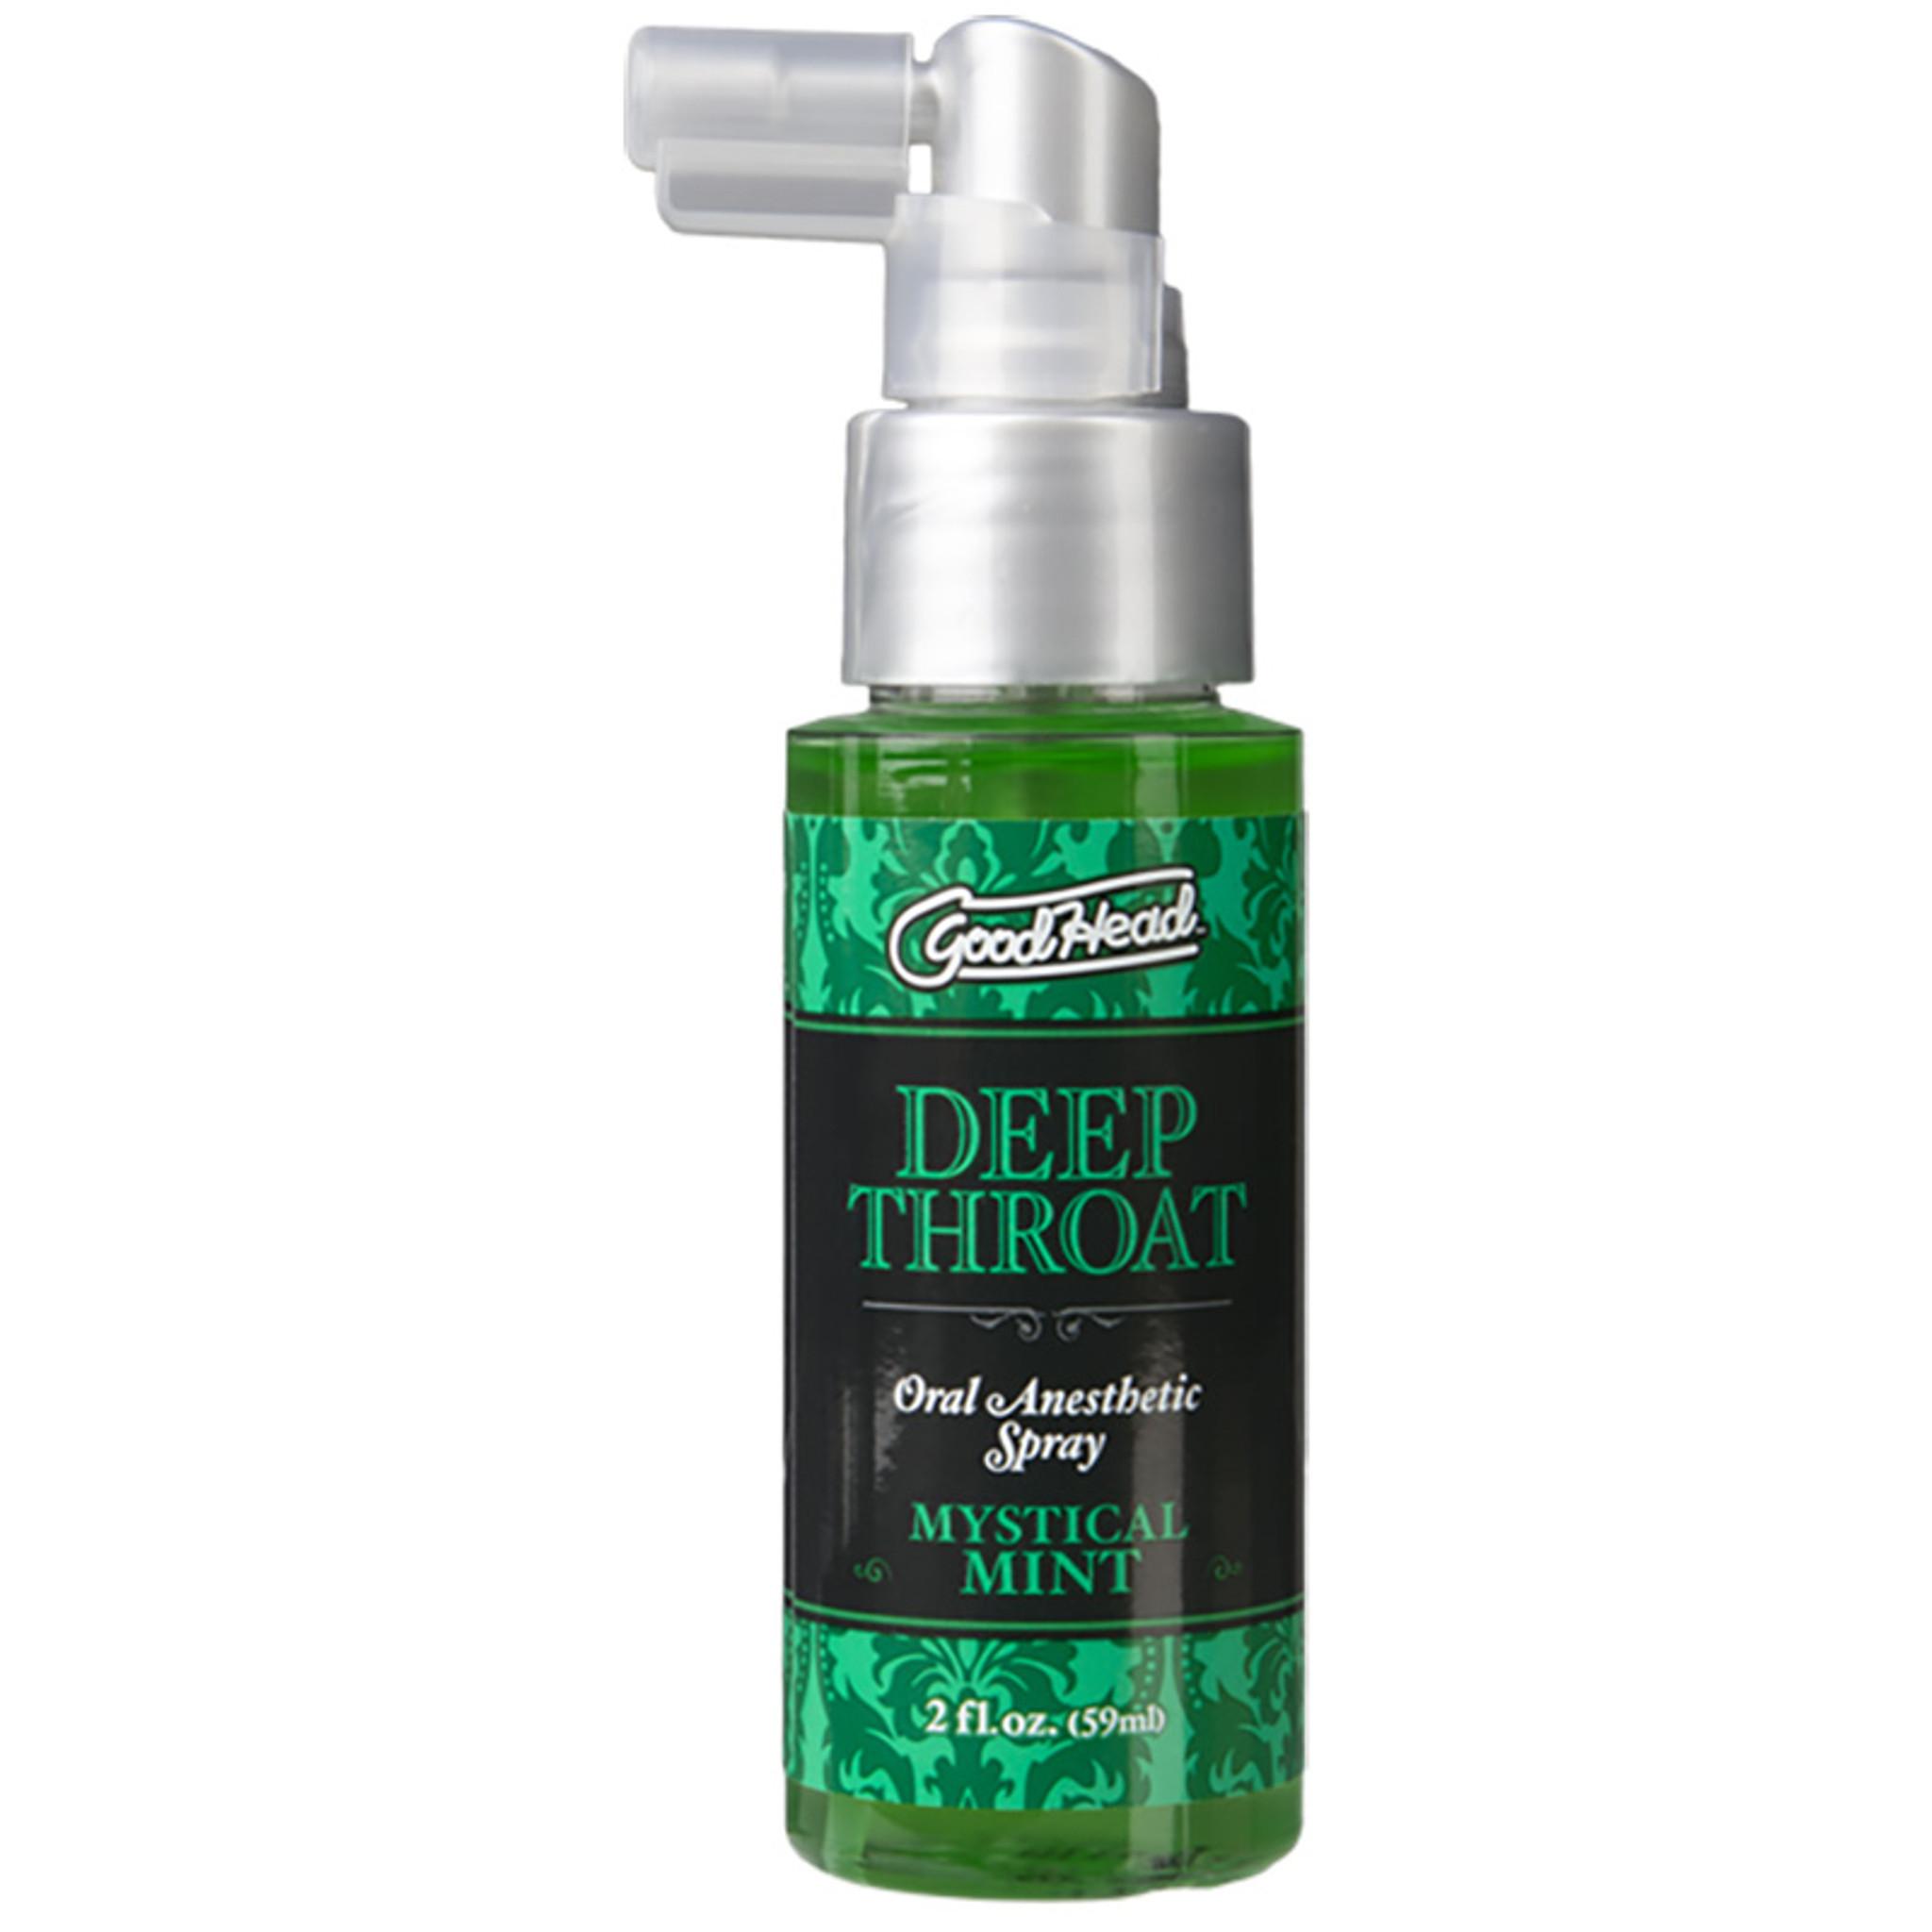 throat instructional Deep